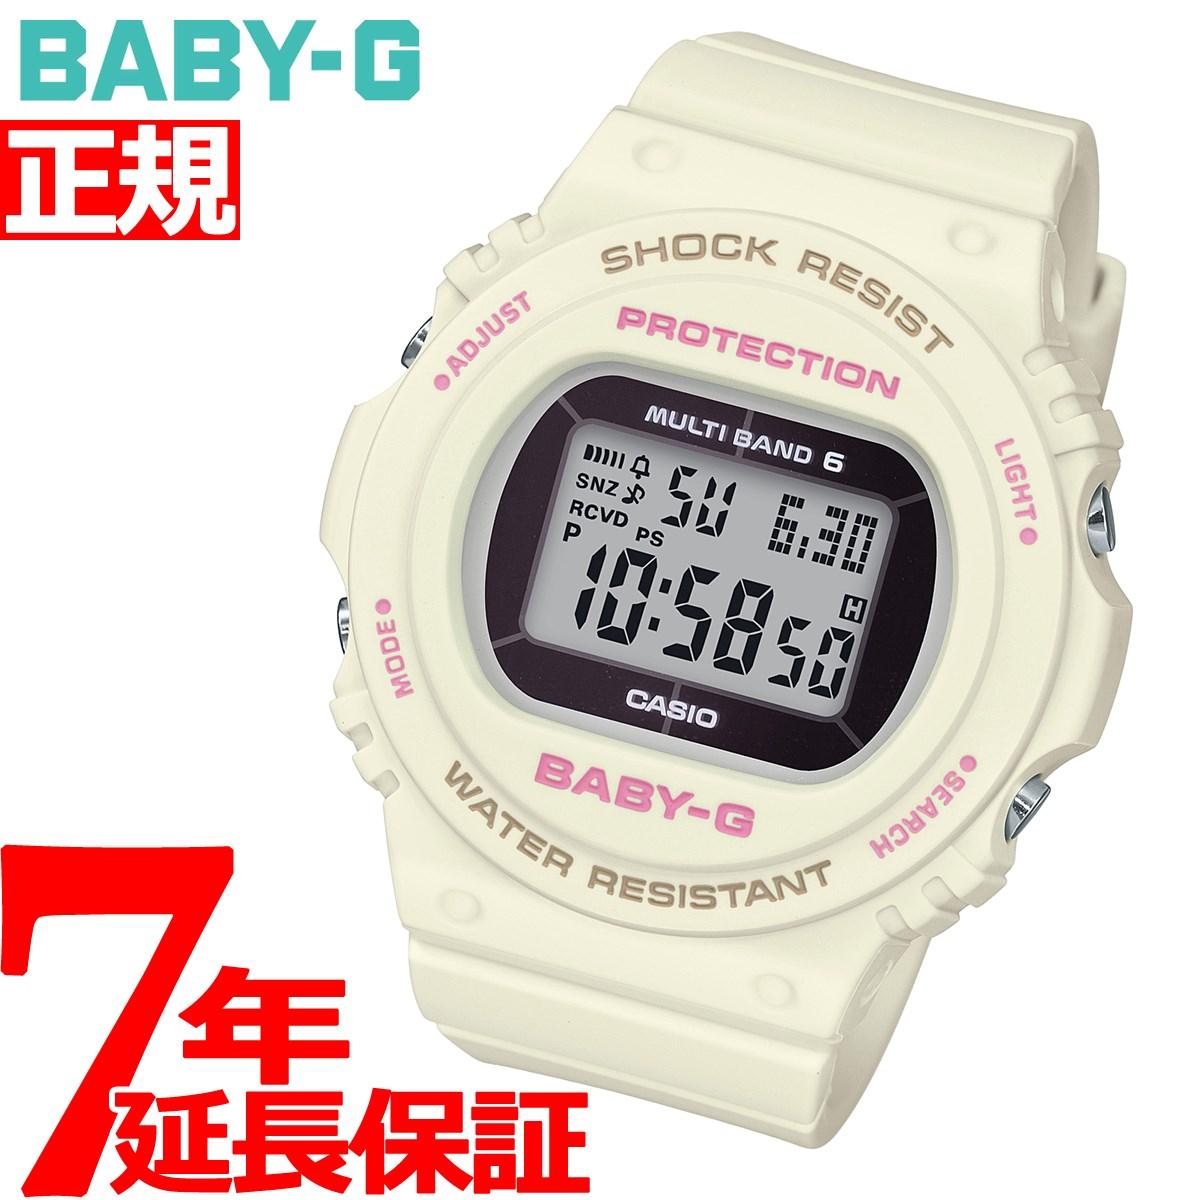 正規品 完売 送料無料 ラッピング無料 店内ポイント最大36倍 入荷予定 BABY-G カシオ ベビーG レディース 電波 ソーラー 腕時計 タフソーラー BGD-5700-7JF